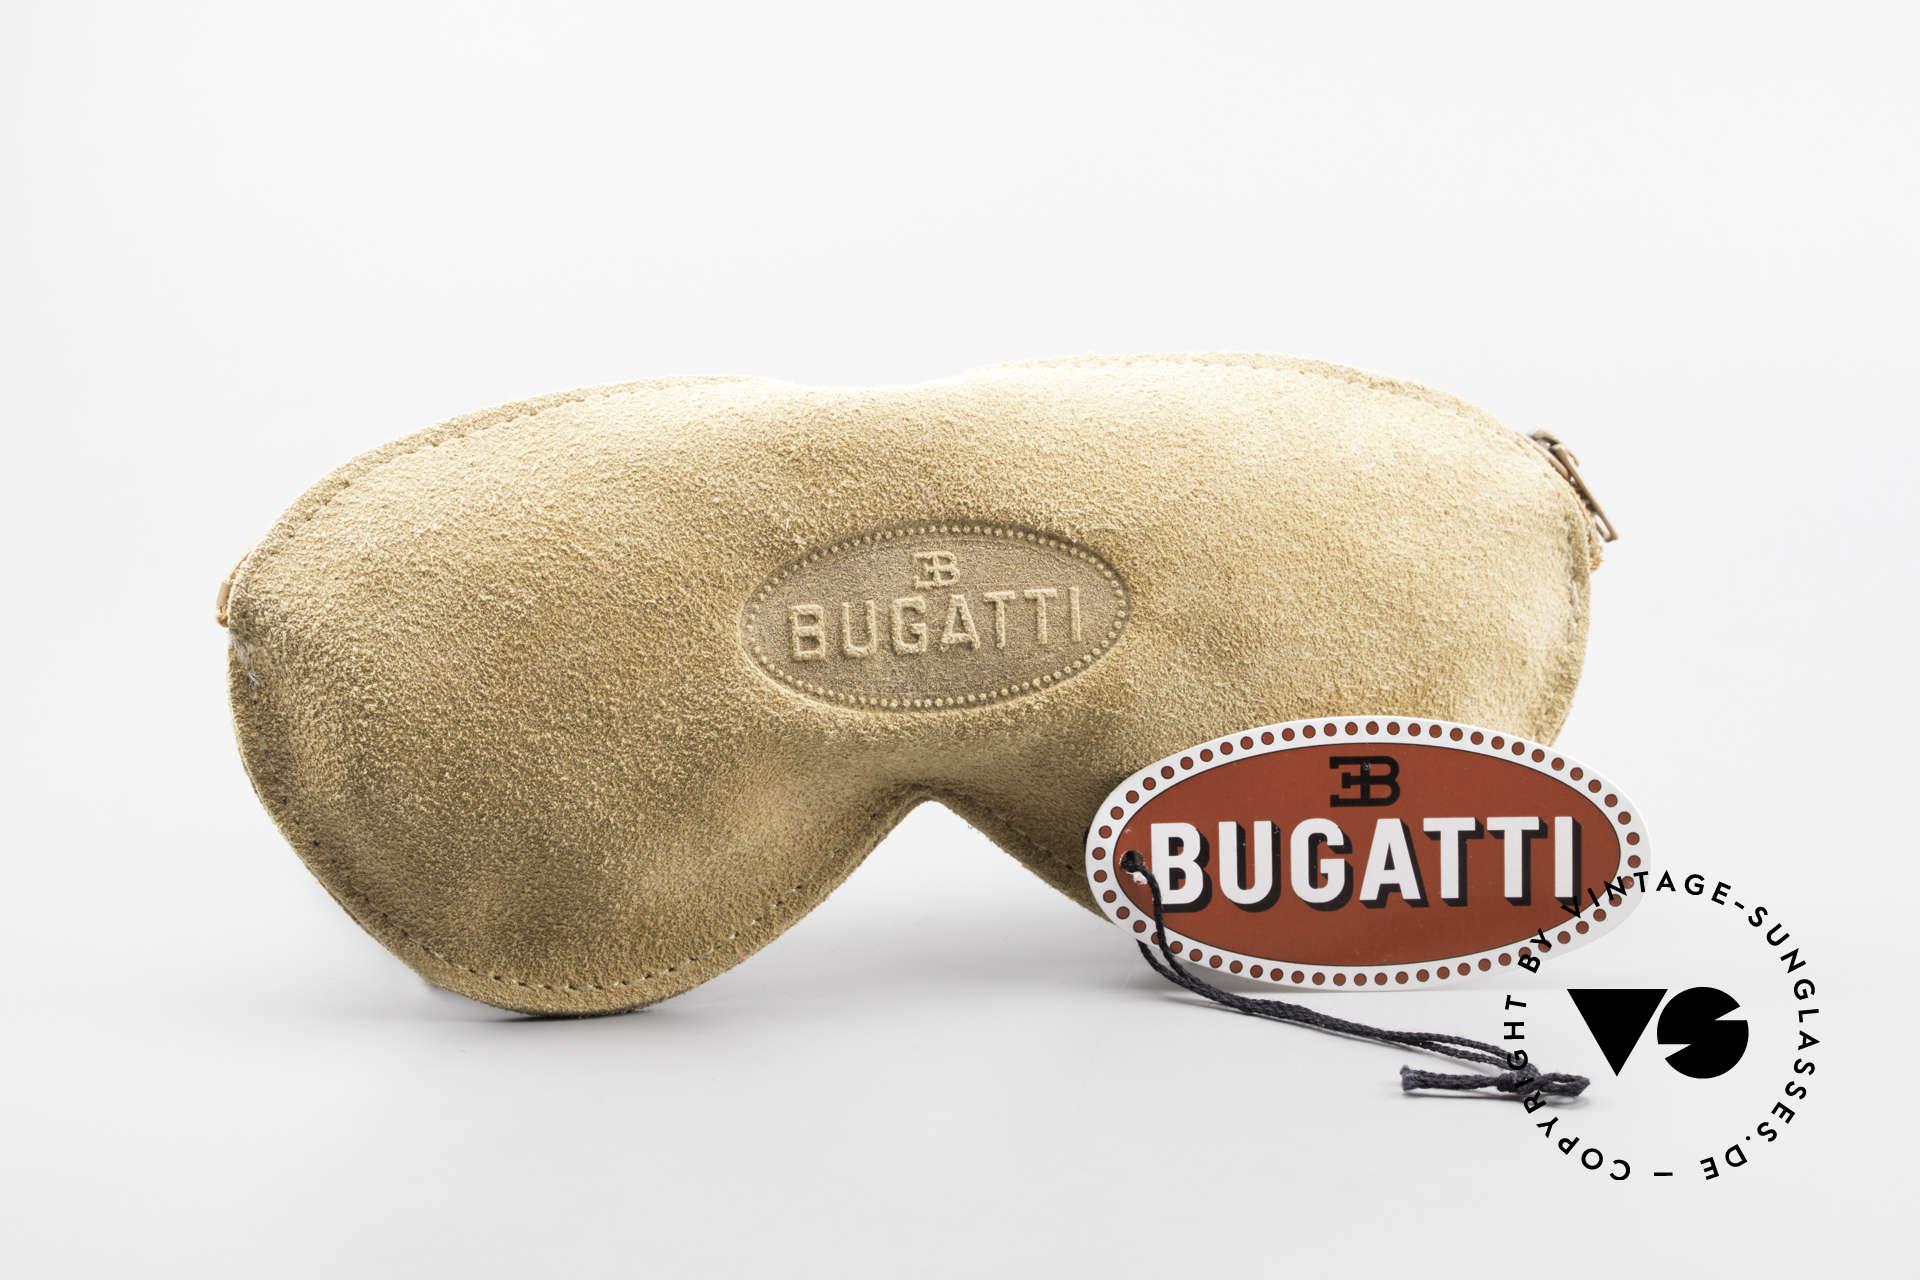 Bugatti 64317 Herren Sonnenbrille Vintage, Größe: large, Passend für Herren